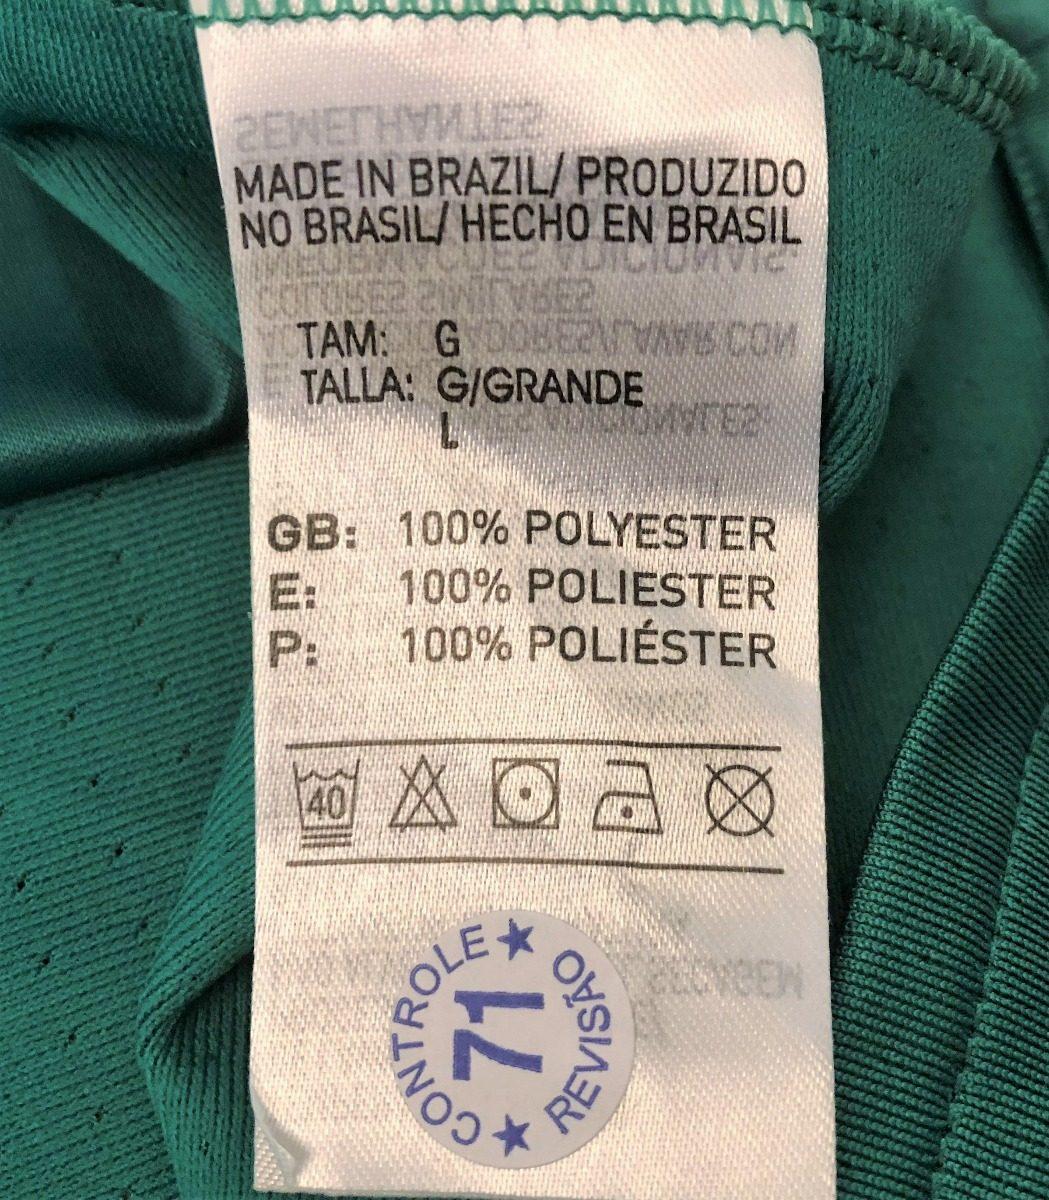 d71493994e8be camisa do palmeiras usada jogo libertadores 2017 borja  9. Carregando zoom.